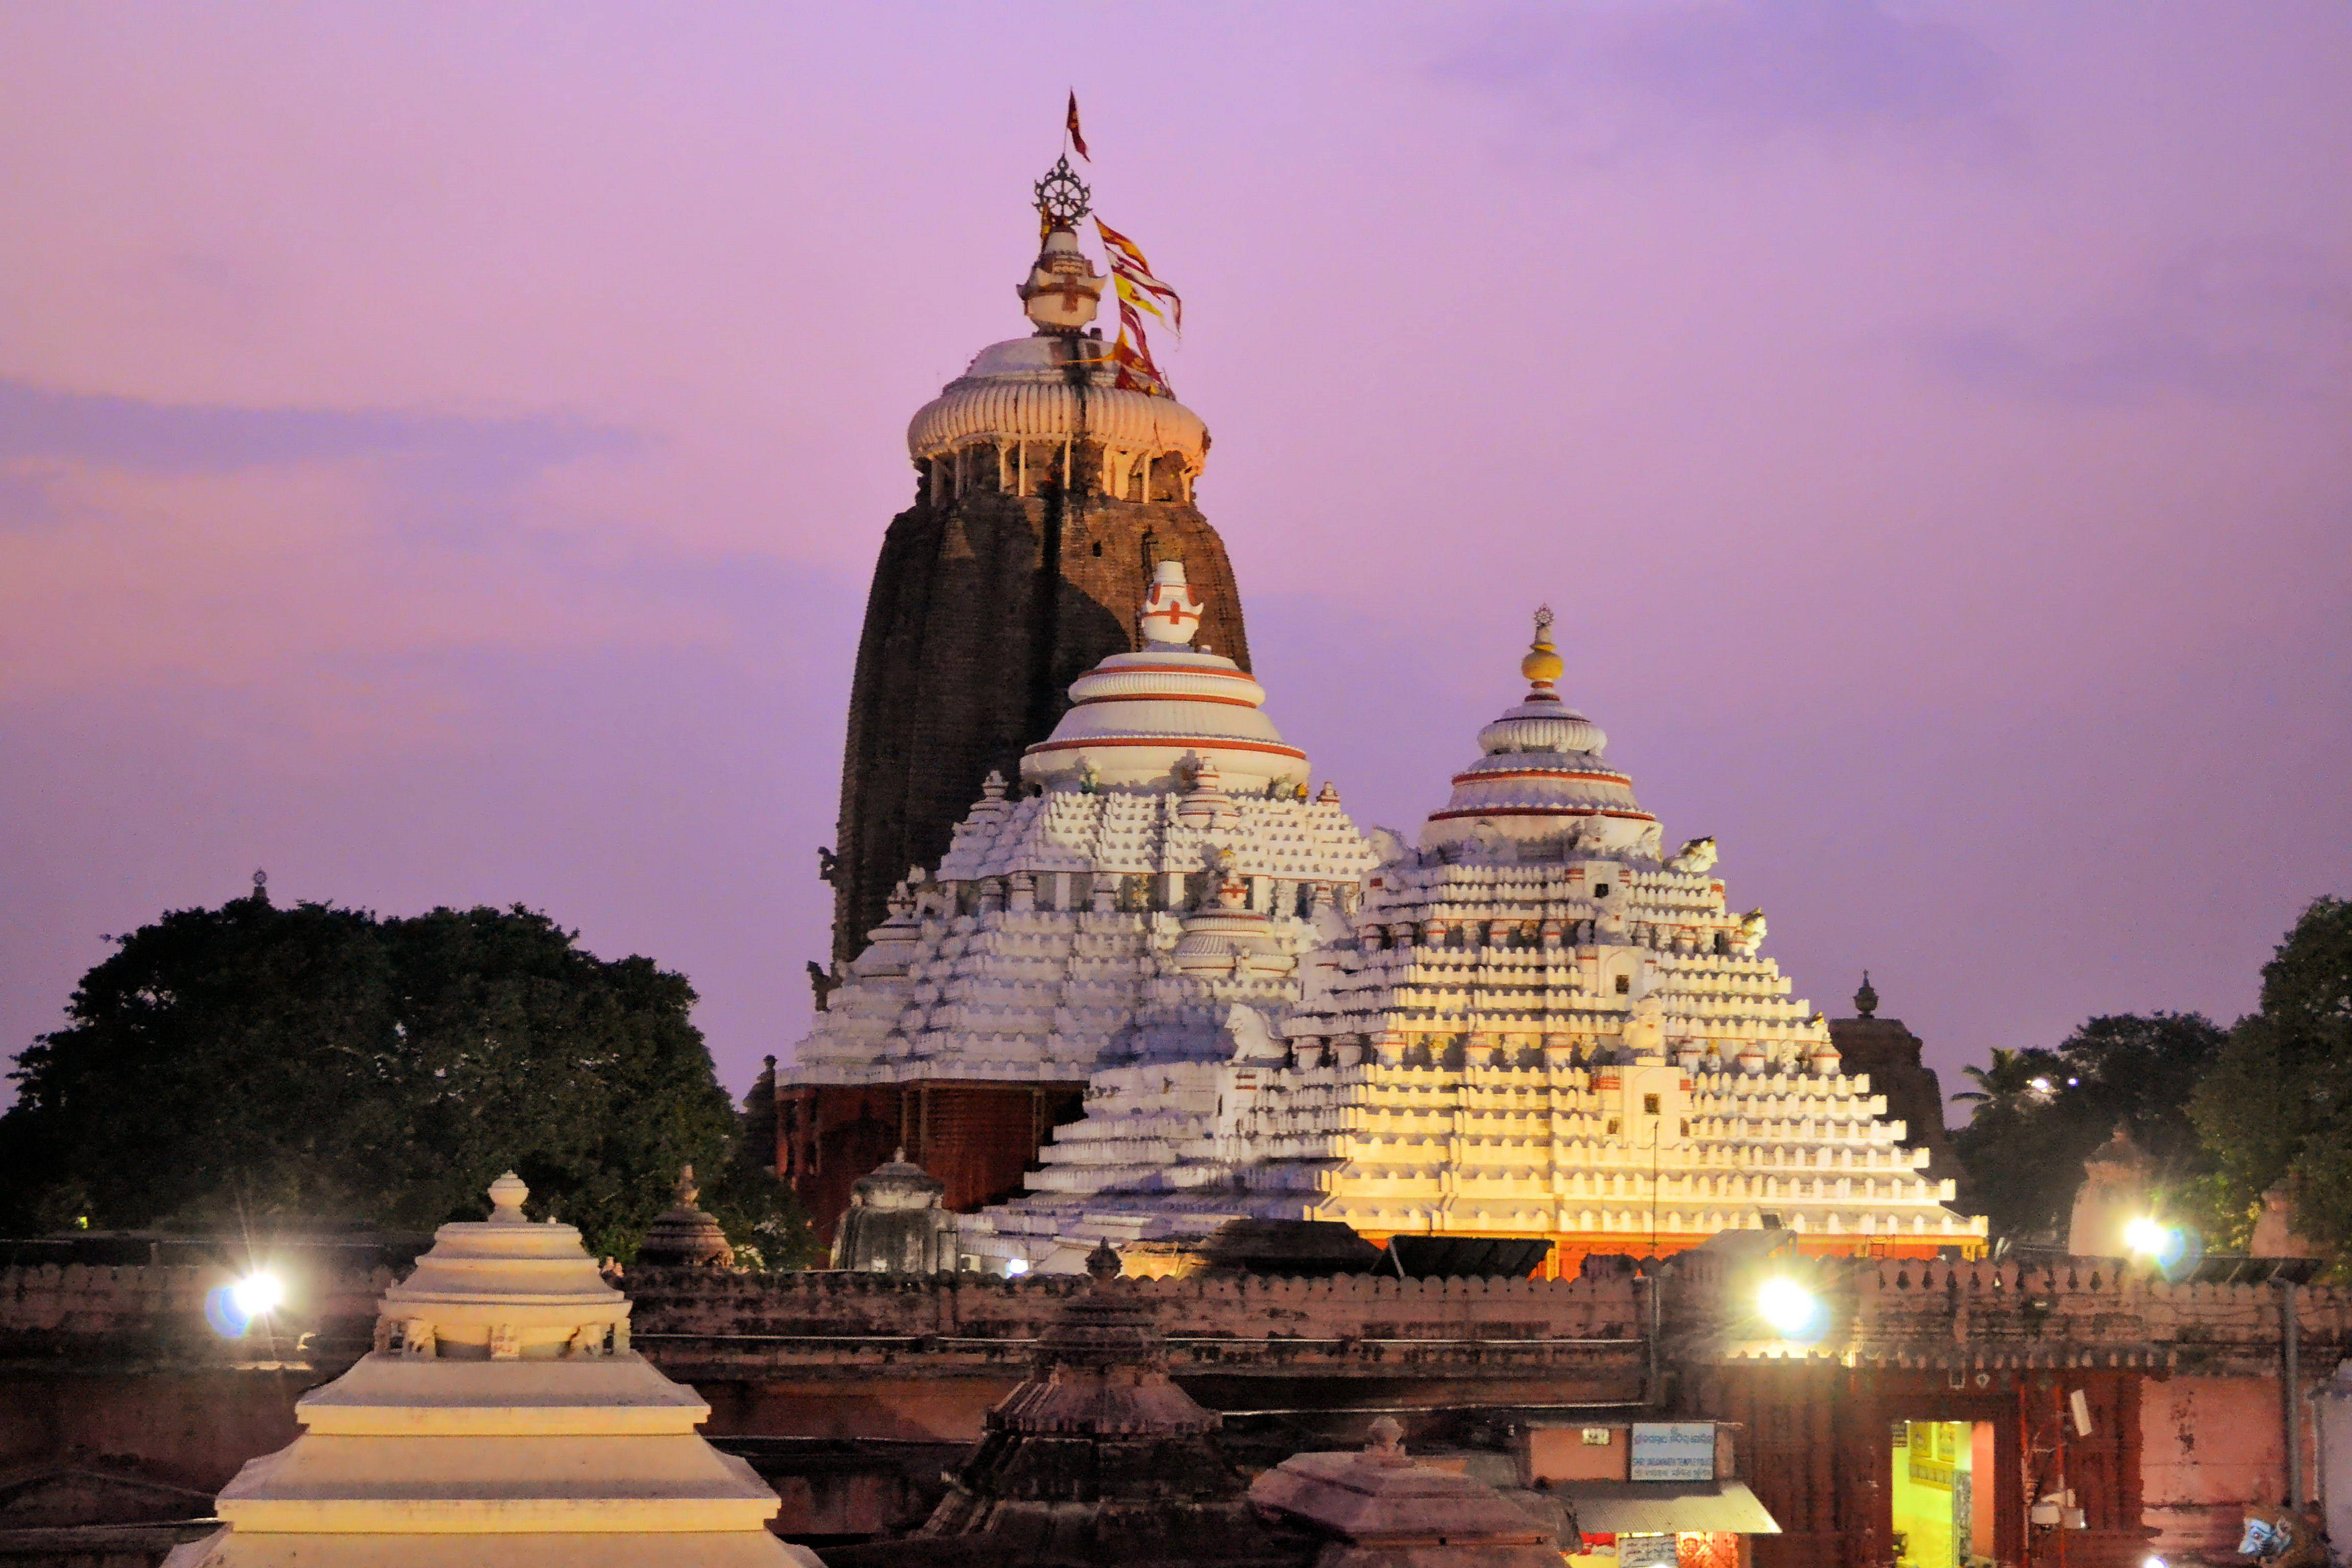 Jagannath Temple in Puri, Orissa, India